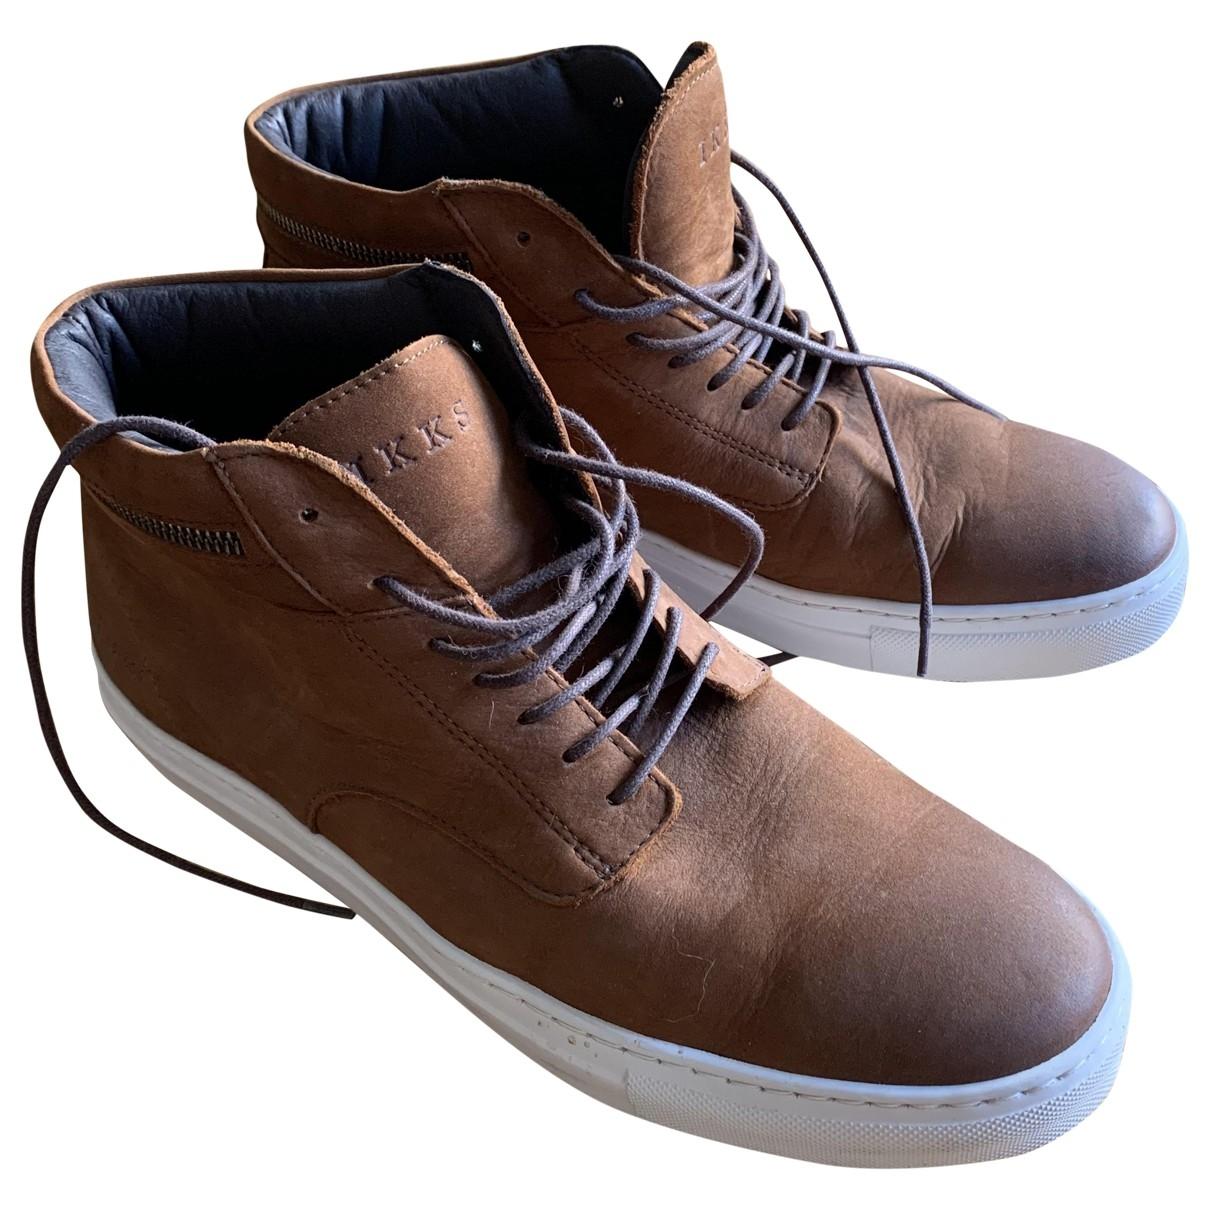 Ikks \N Sneakers in  Kamel Leder